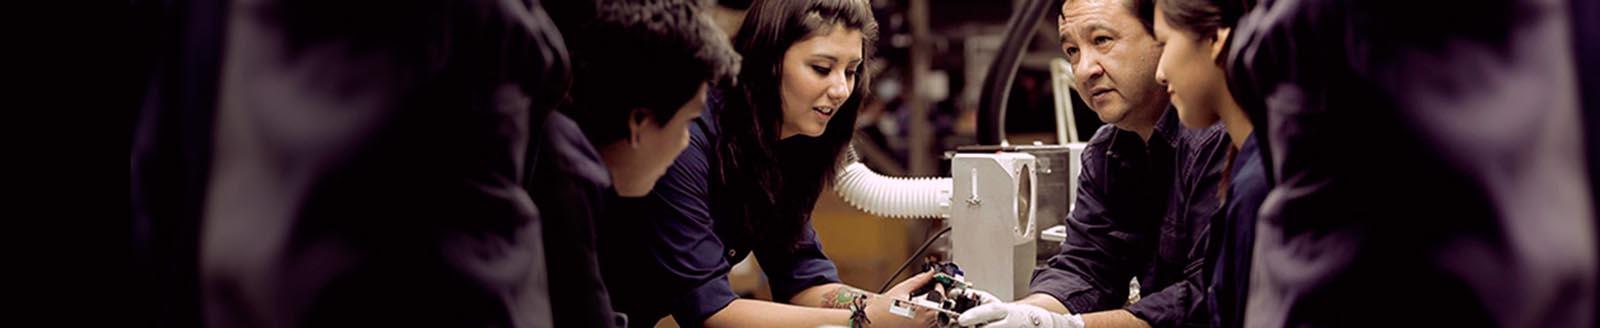 Imagen de personas en un taller